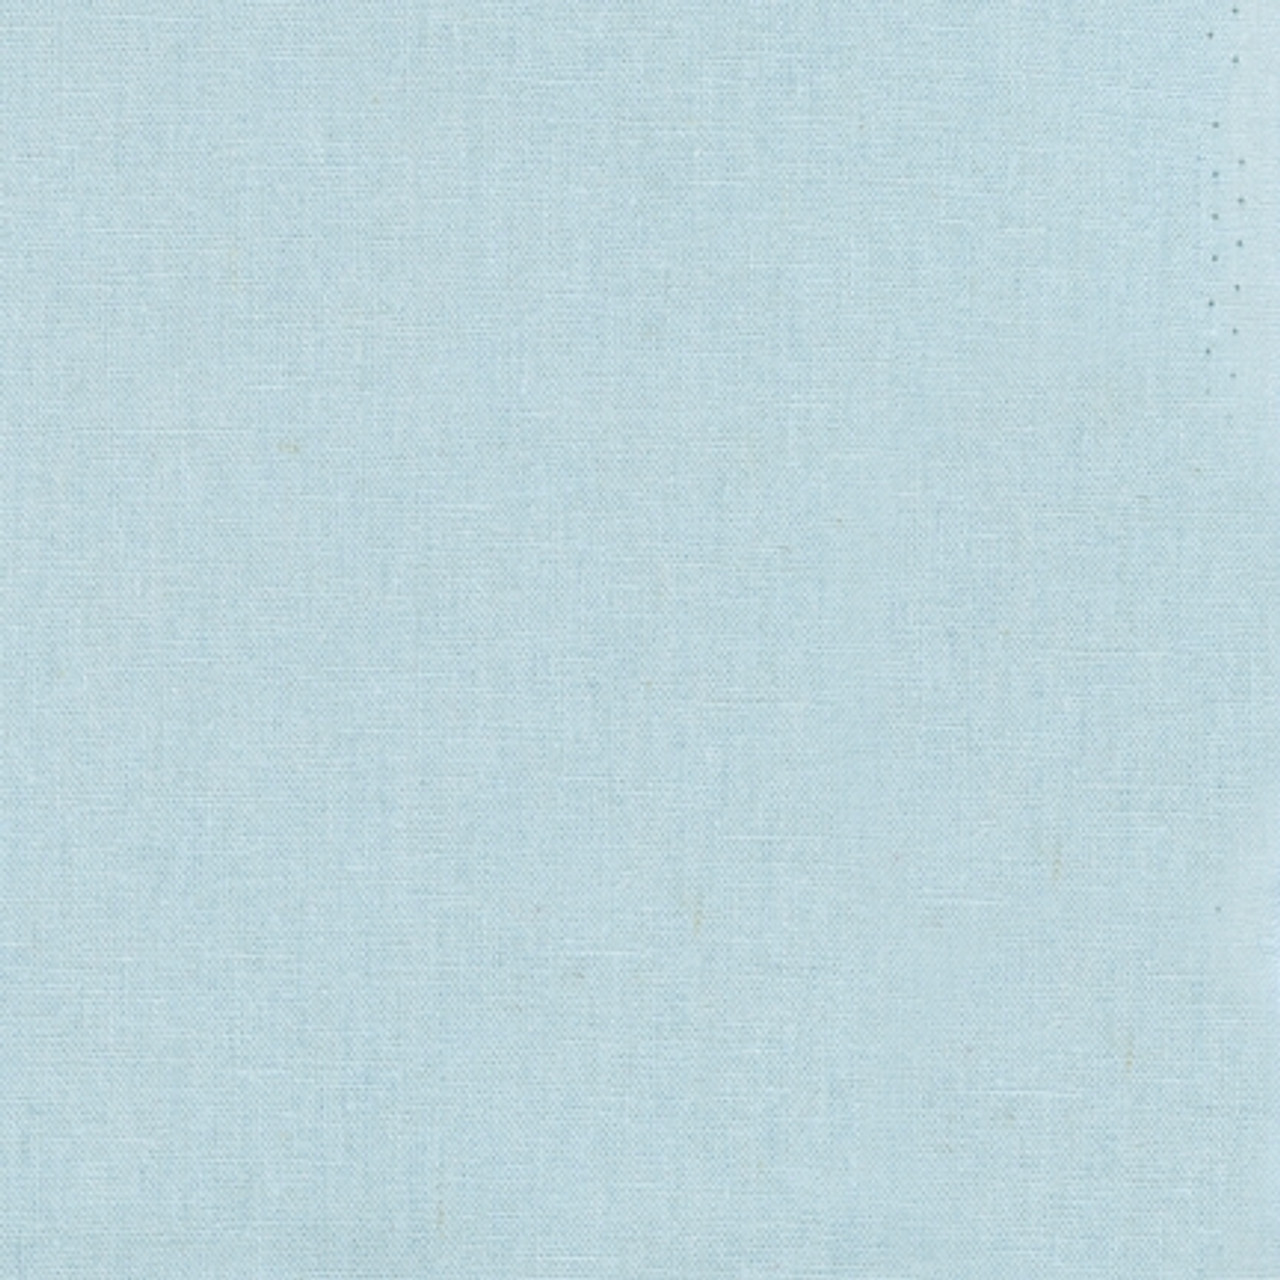 Essex Linen - Light Blue